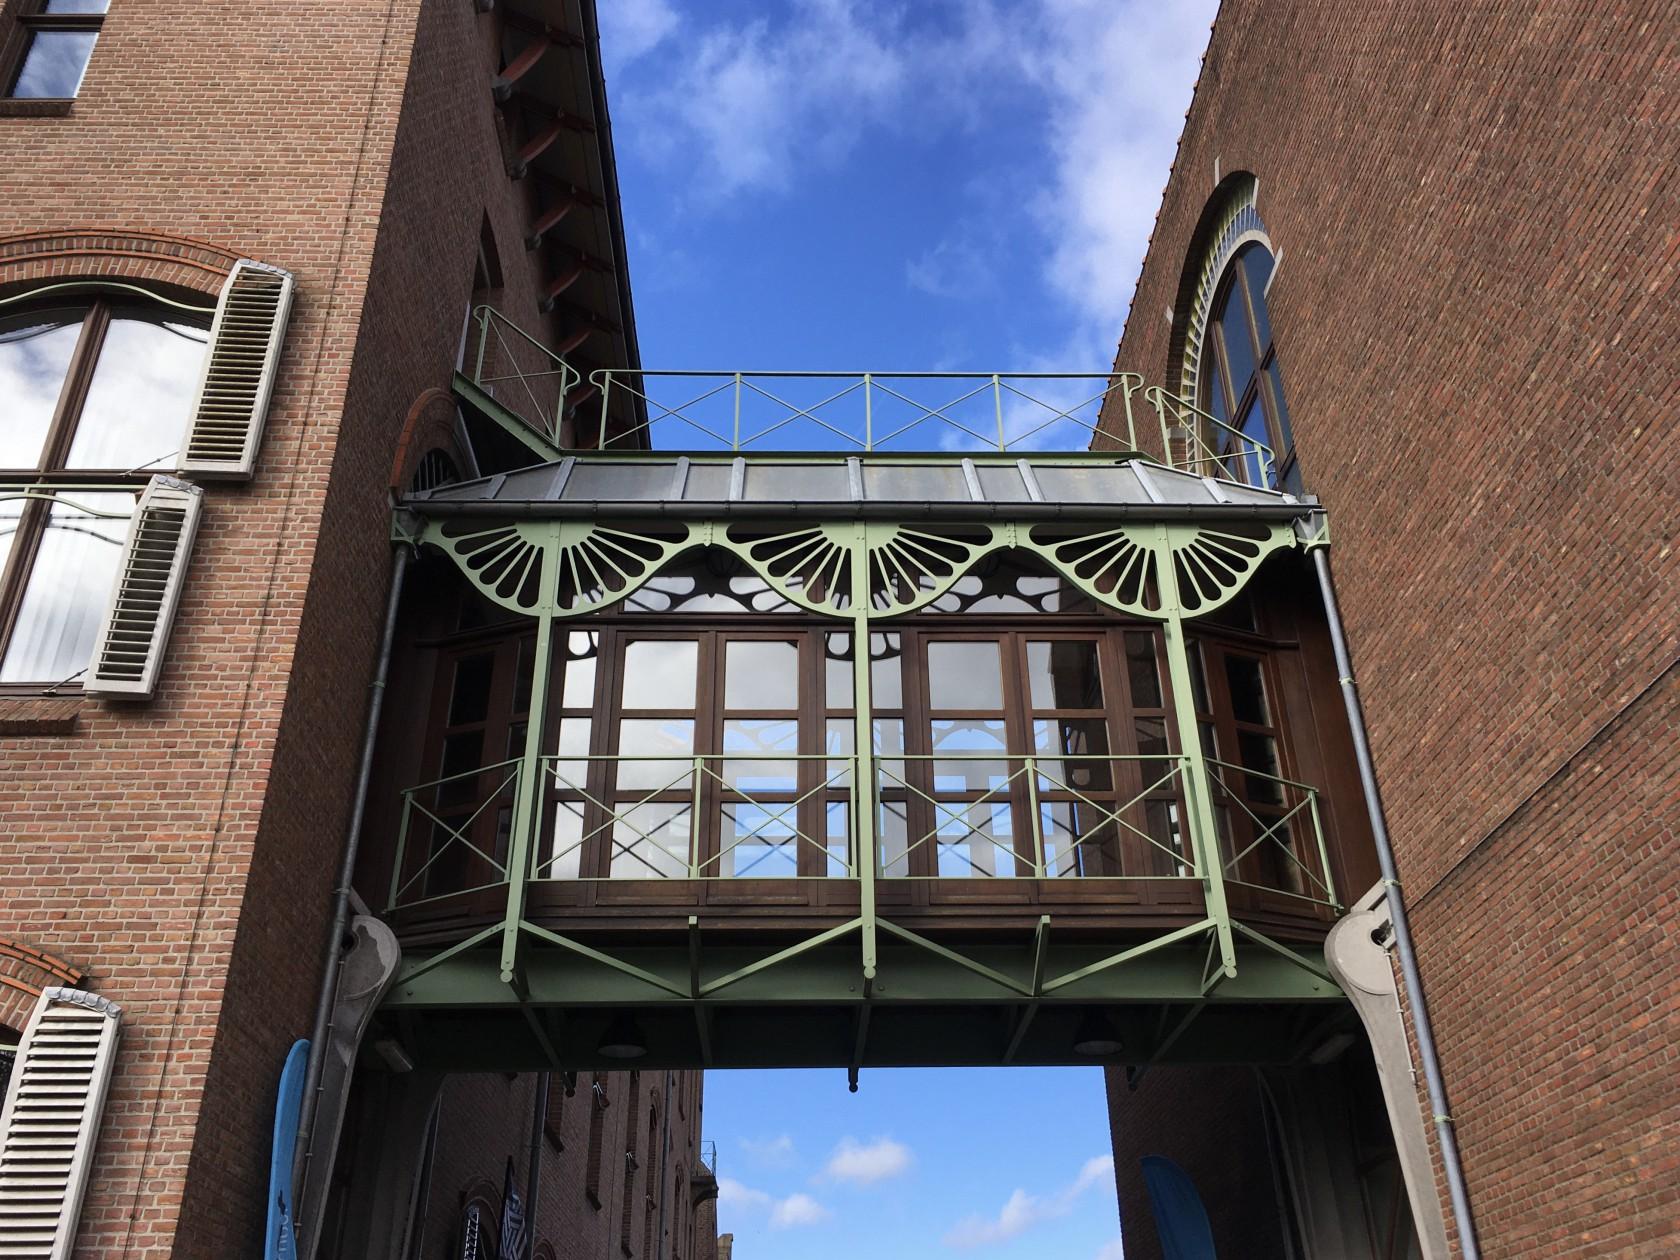 Abscis Architecten - de inkom van het huidige gebouw van Howest